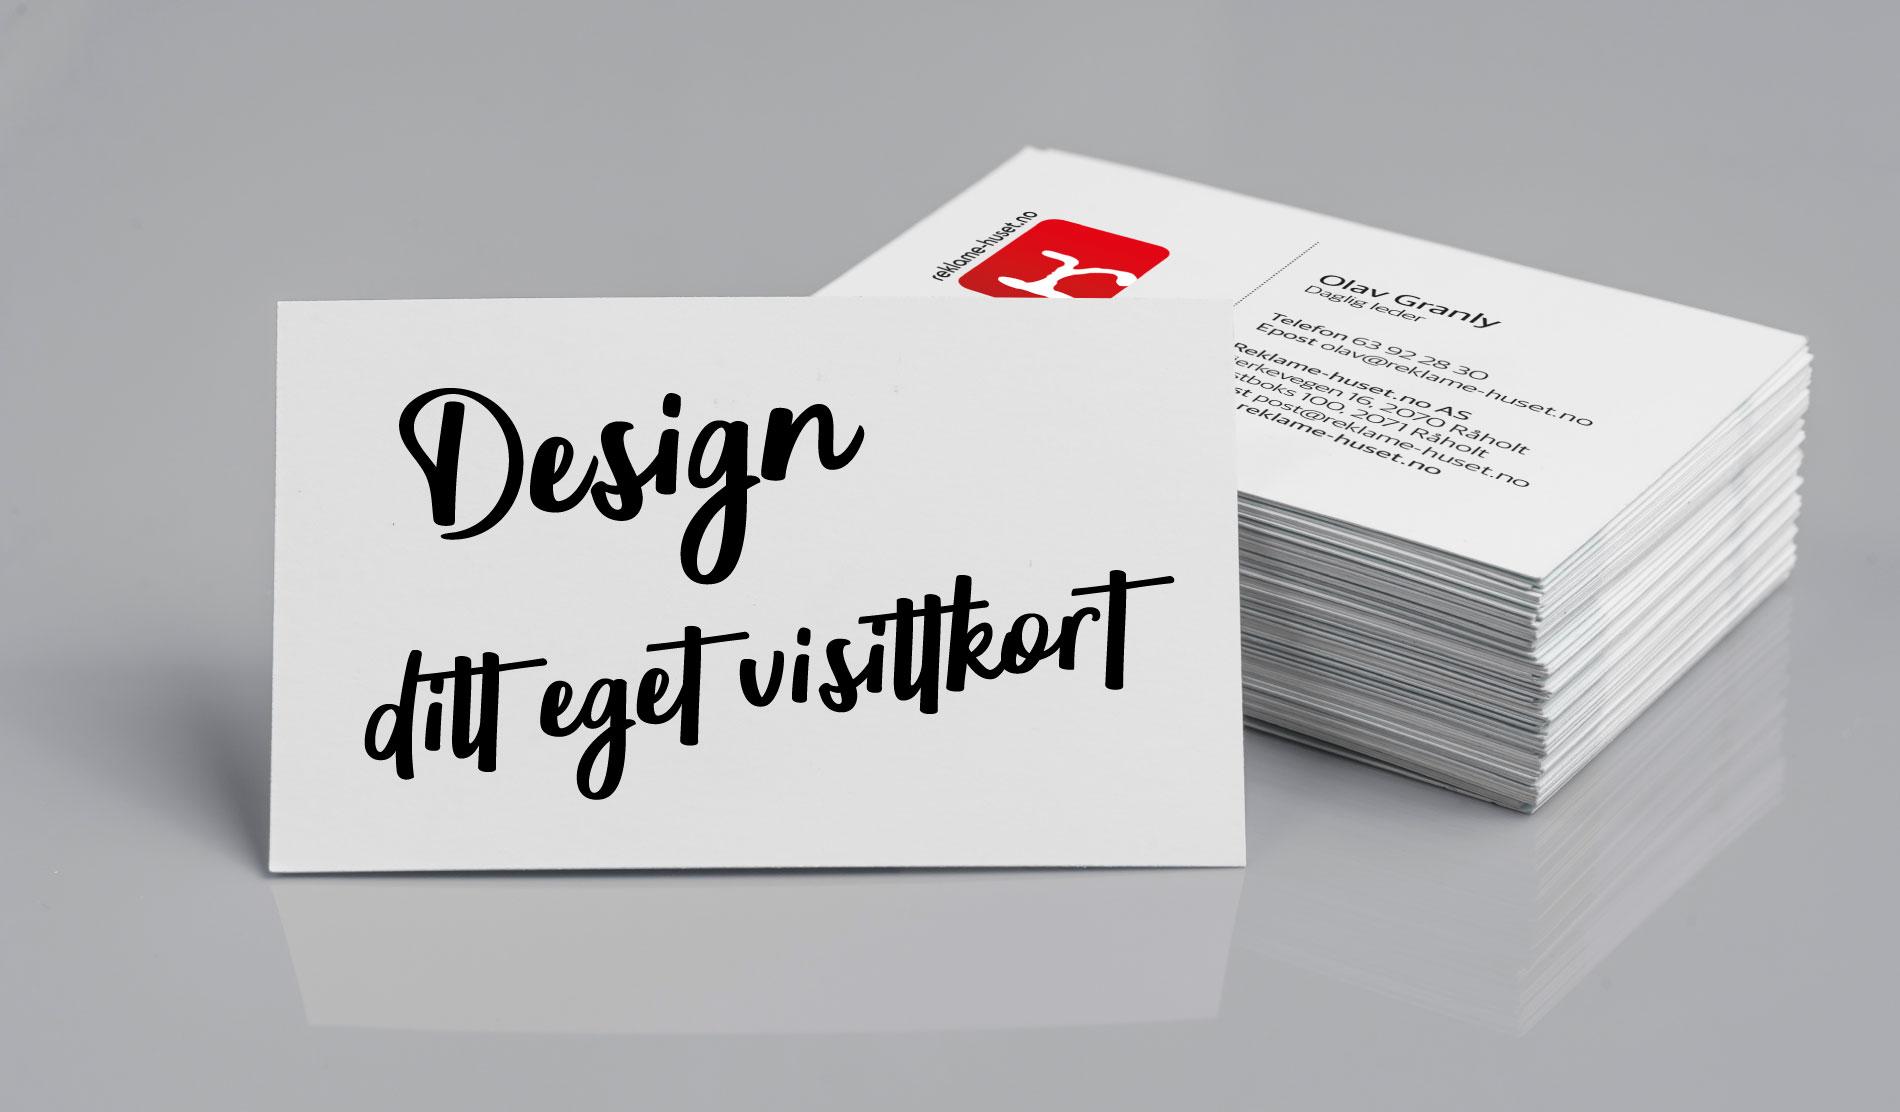 Design ditt eget visittkort